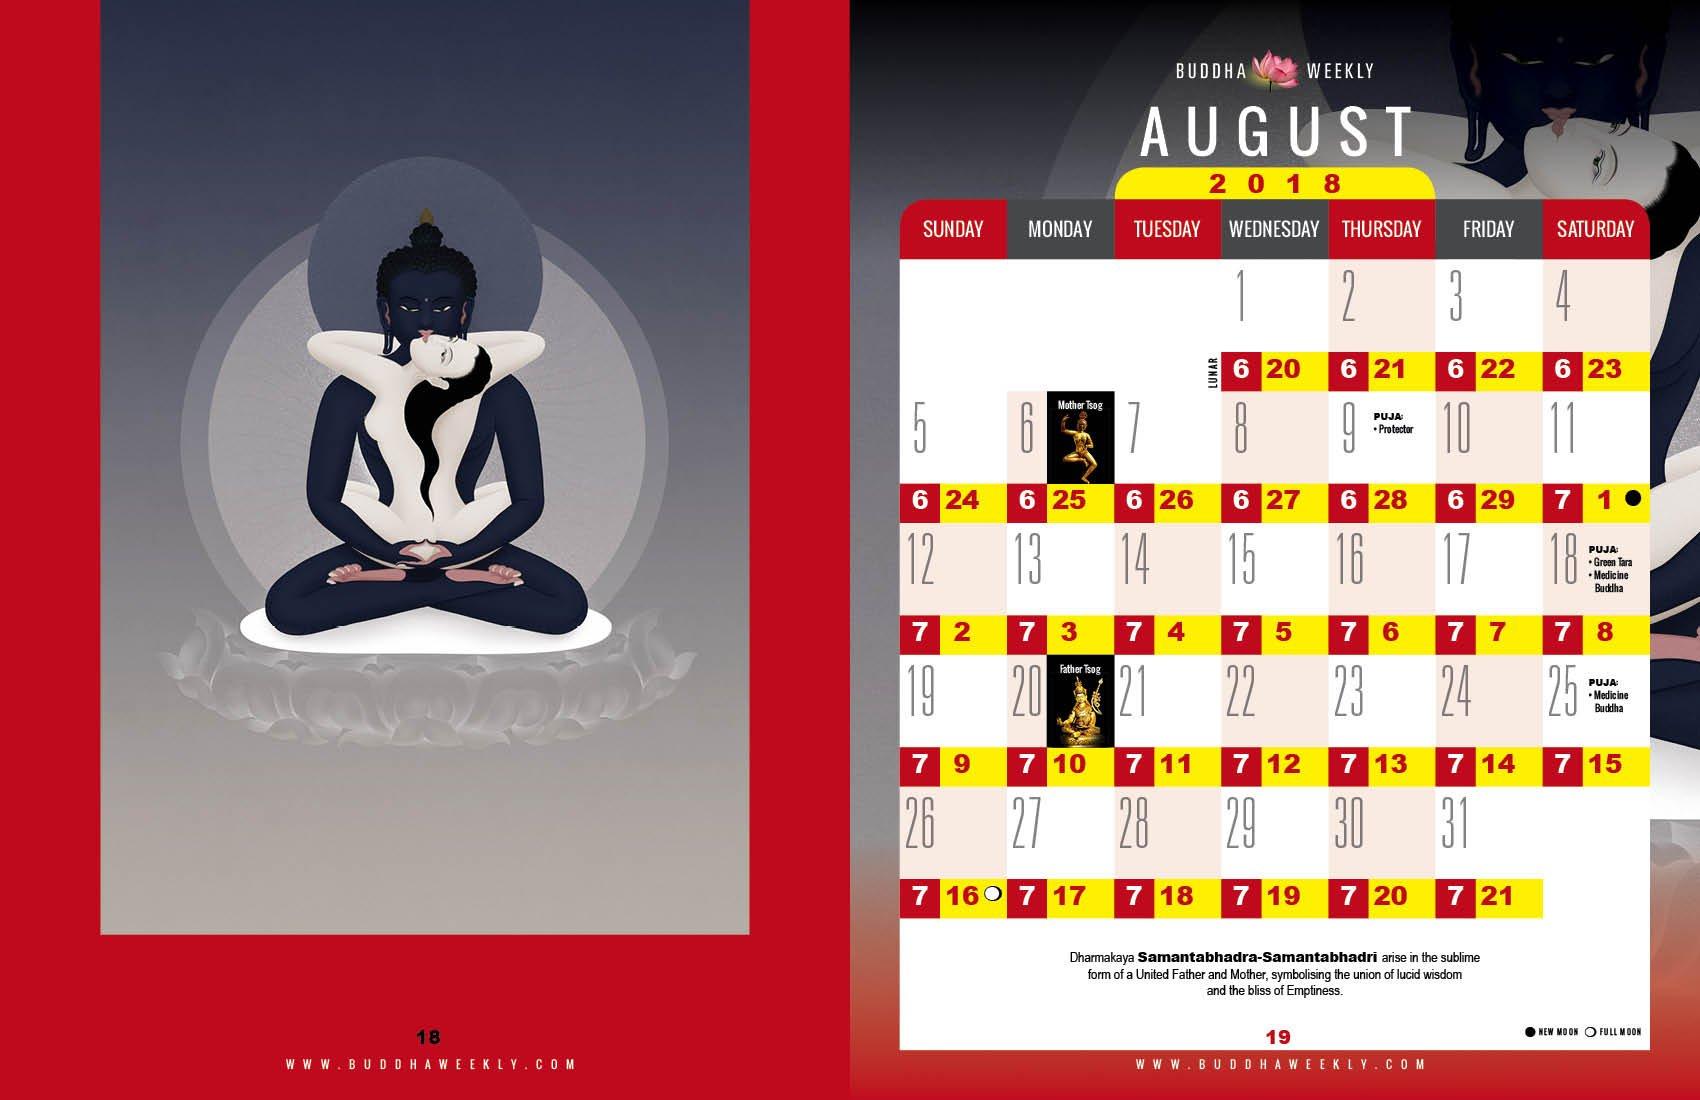 Lunar Calendar 2018 12 Buddha Weekly 8 August low 8